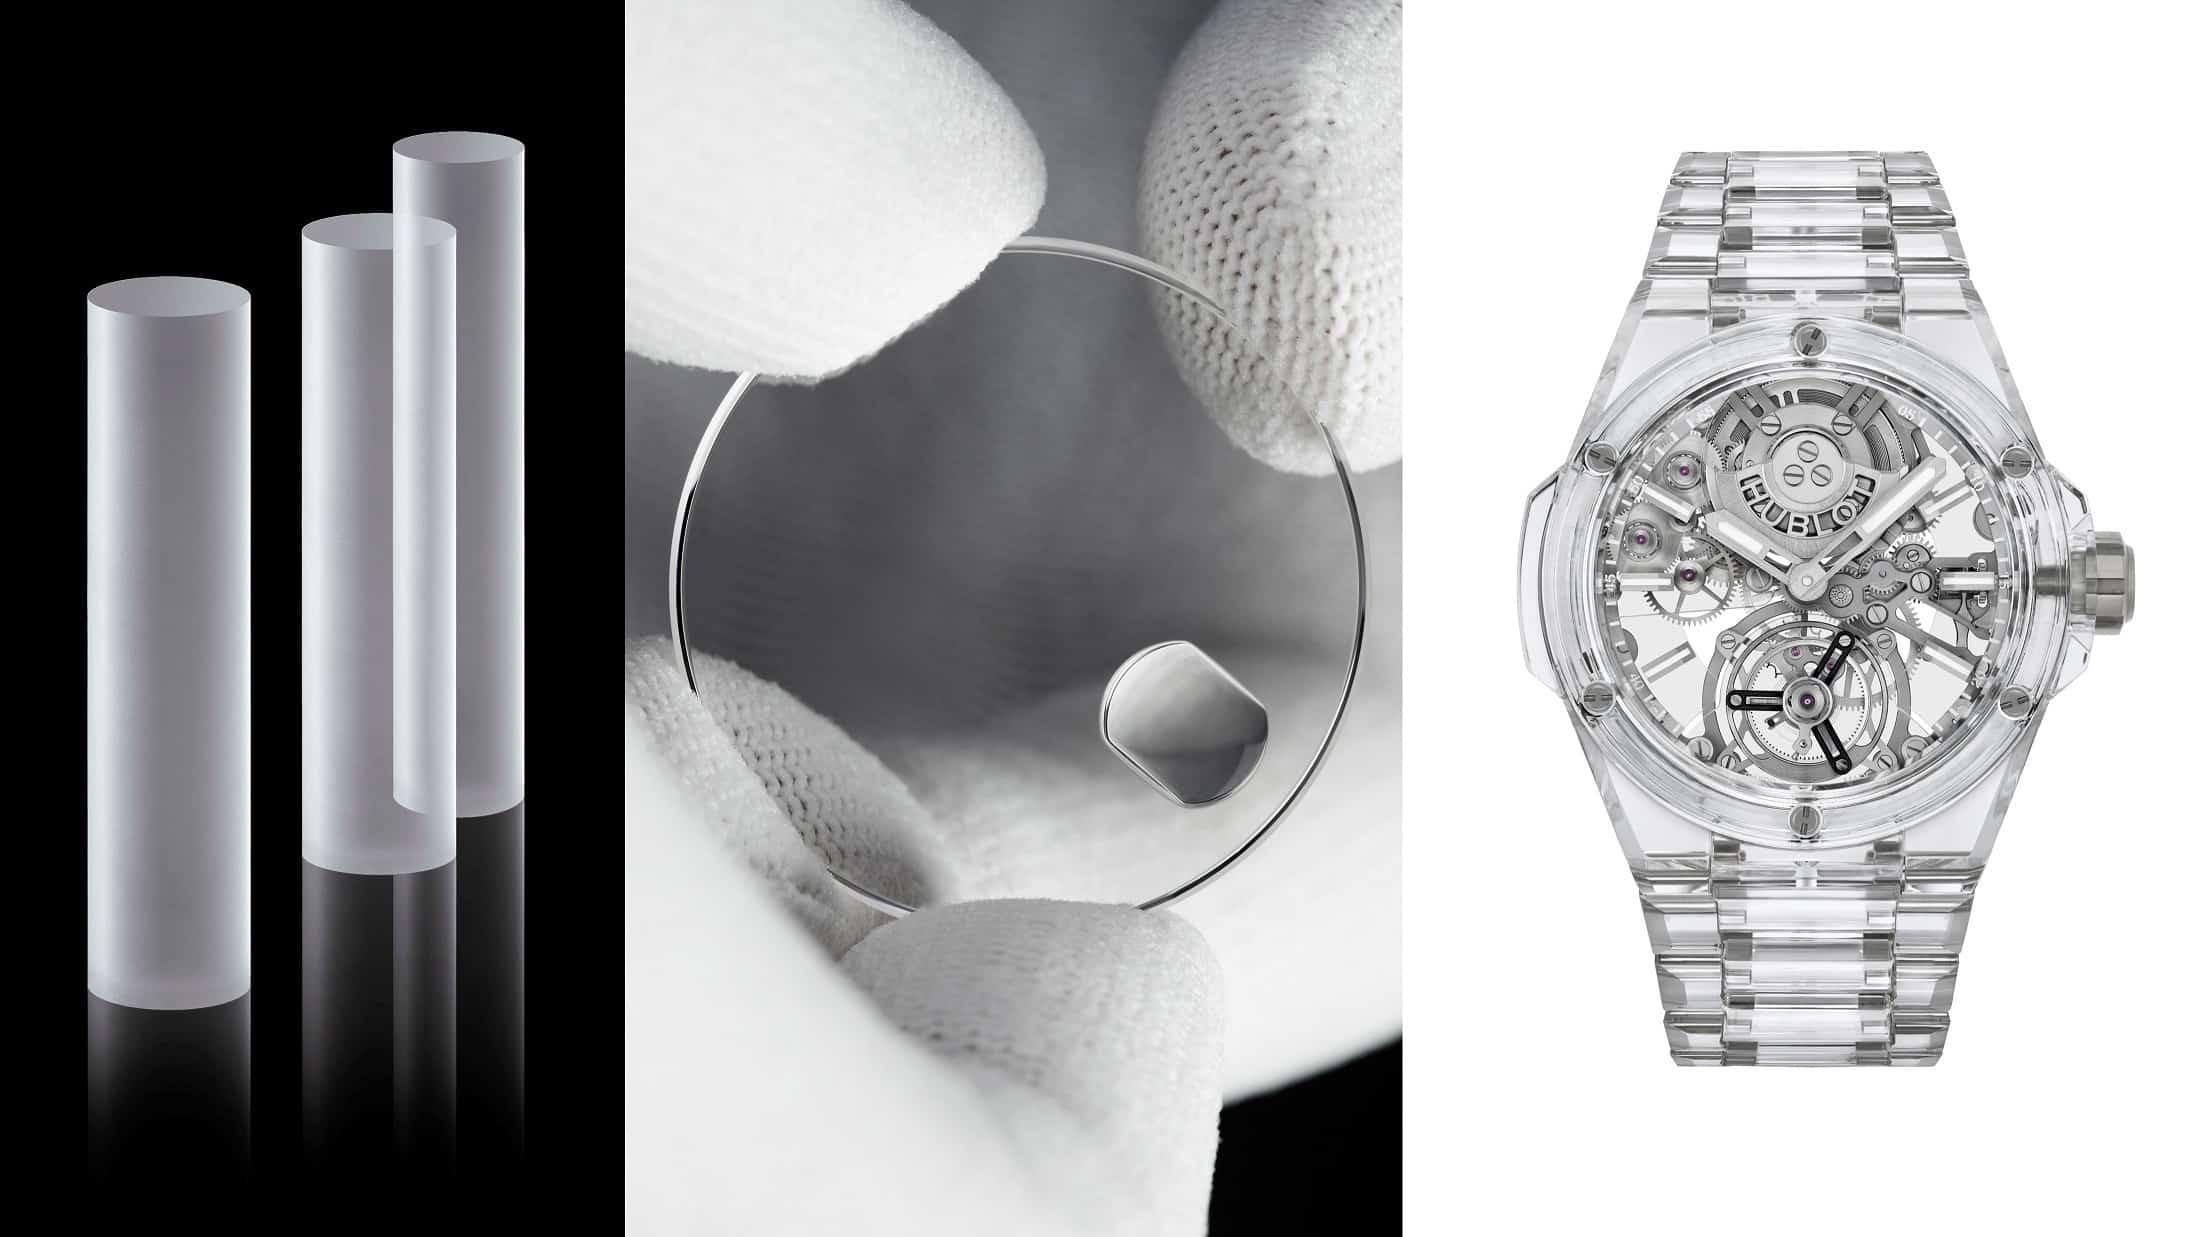 Herstellung von Saphir-Uhrengehäuse und SaphirglasSaphirglas: So entstehen Saphirgläser und Saphir-Gehäuse